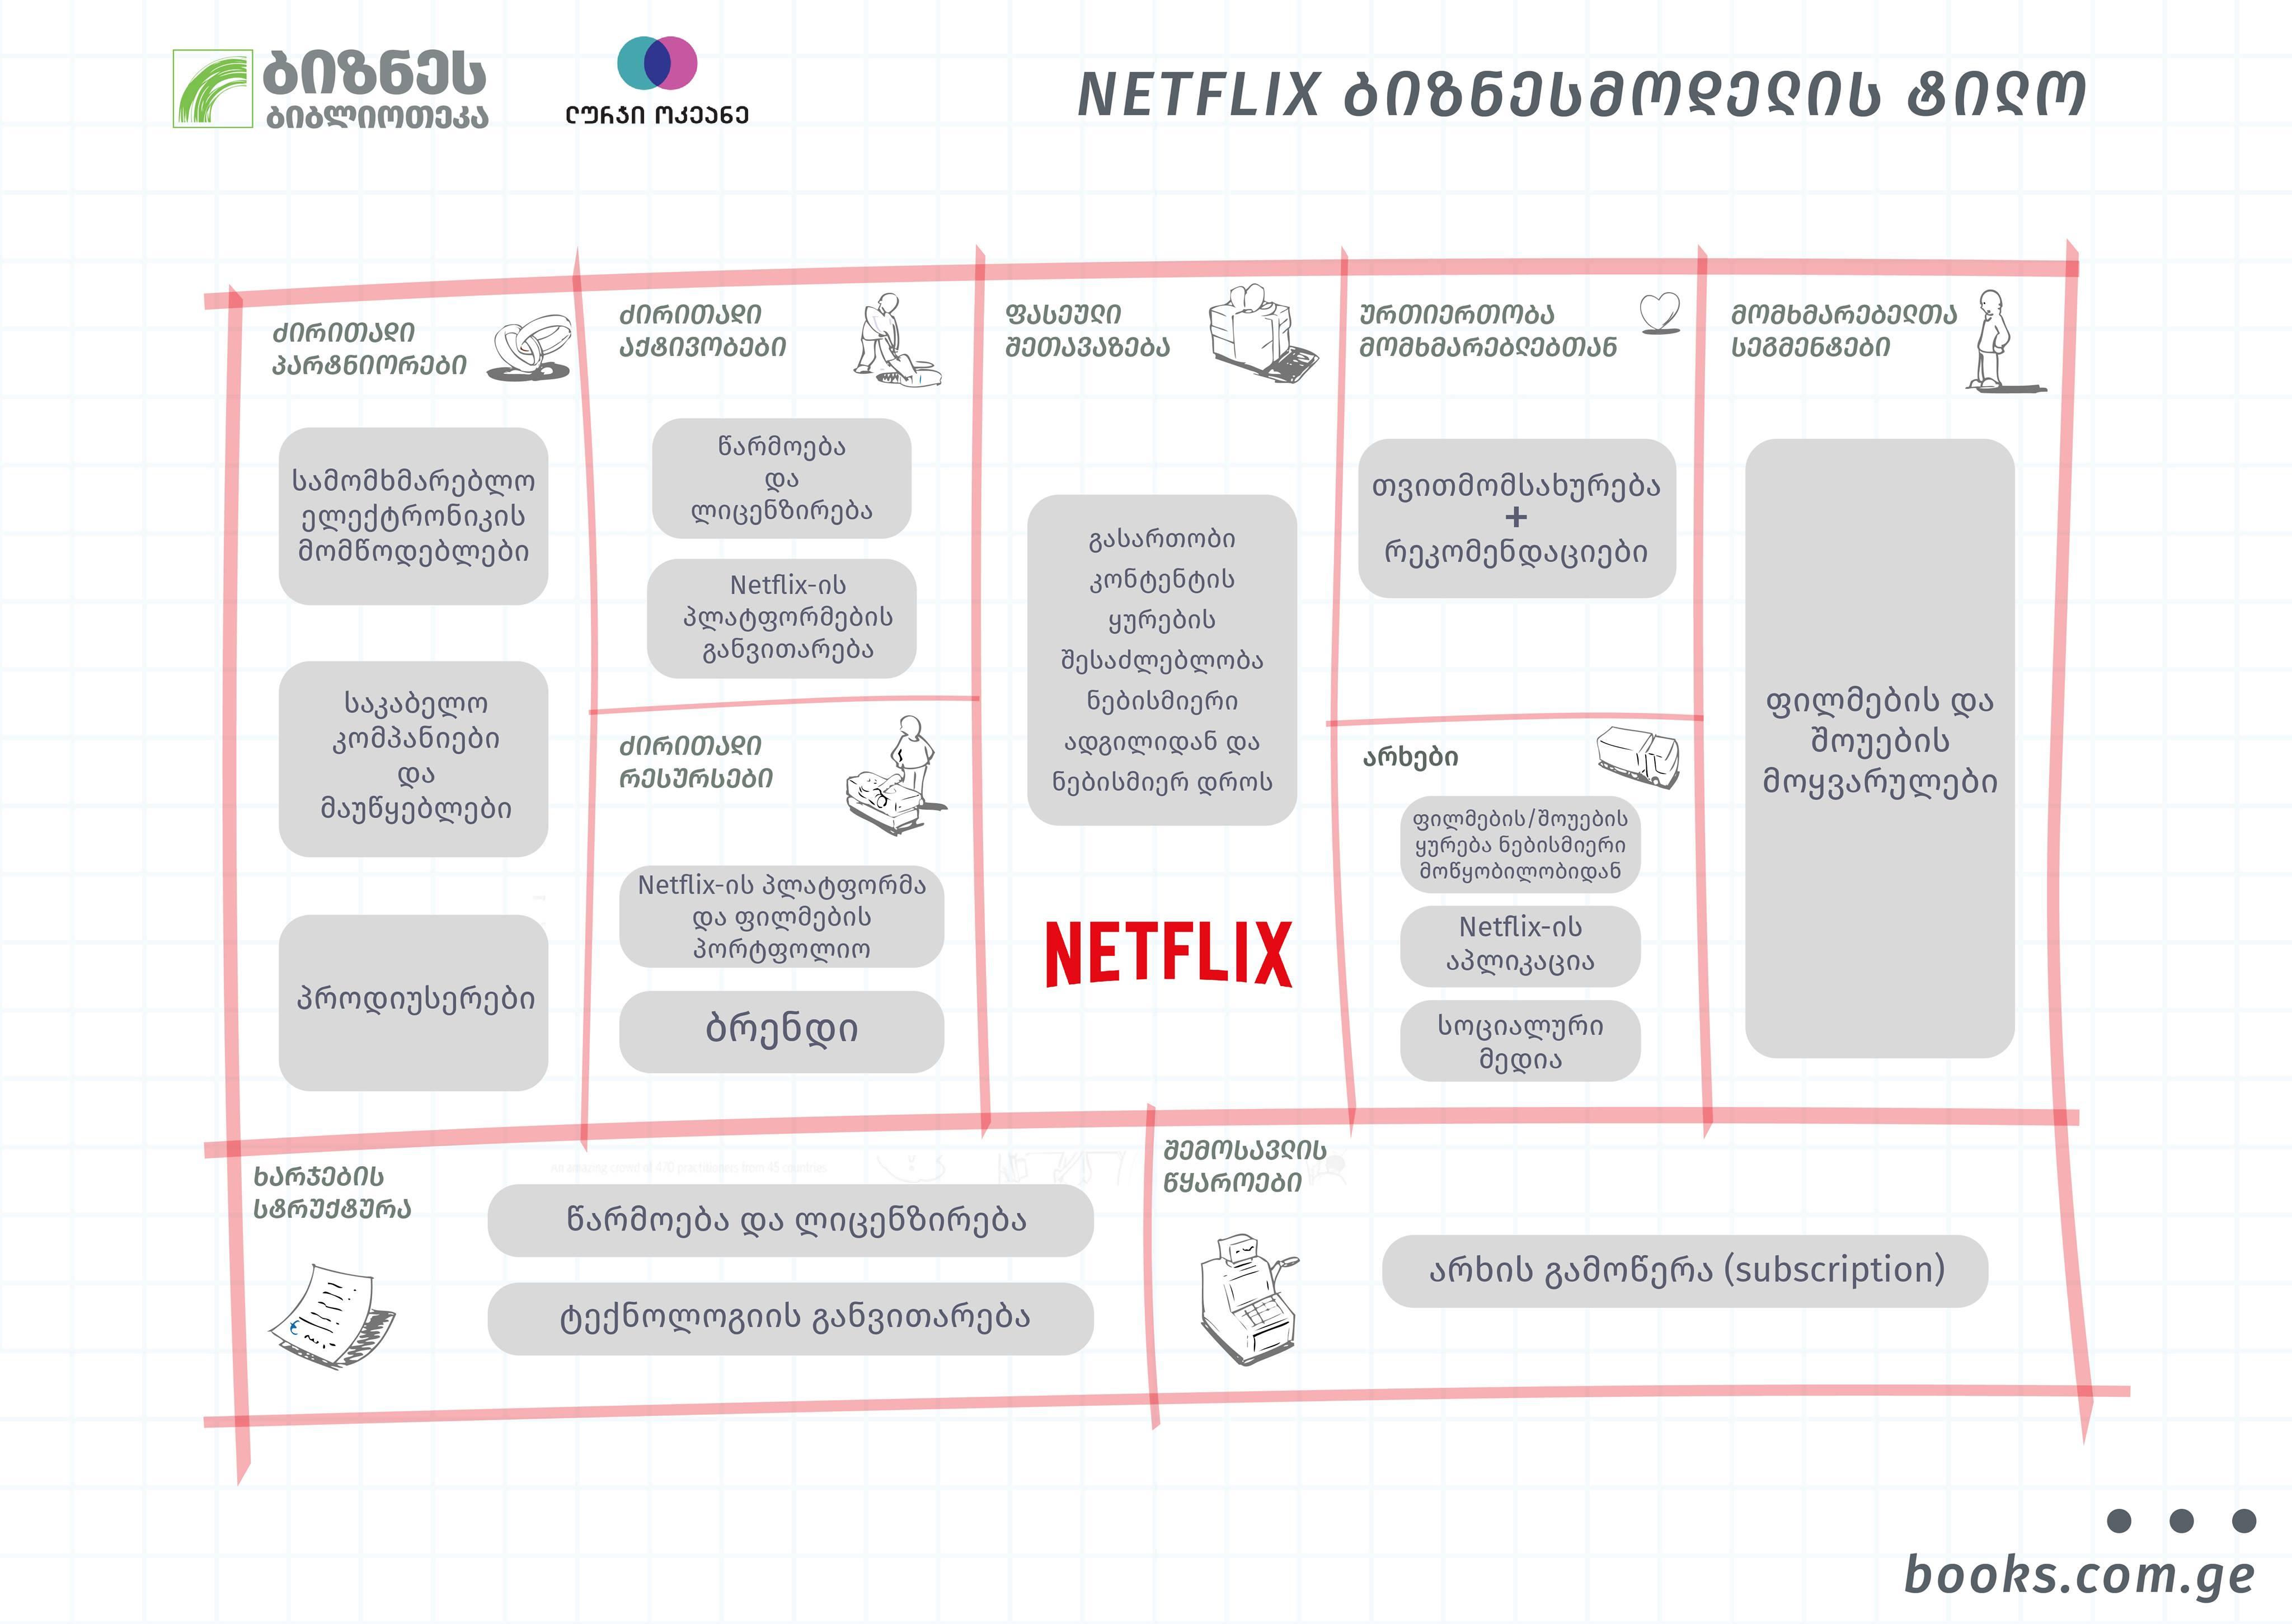 Netflix - business model